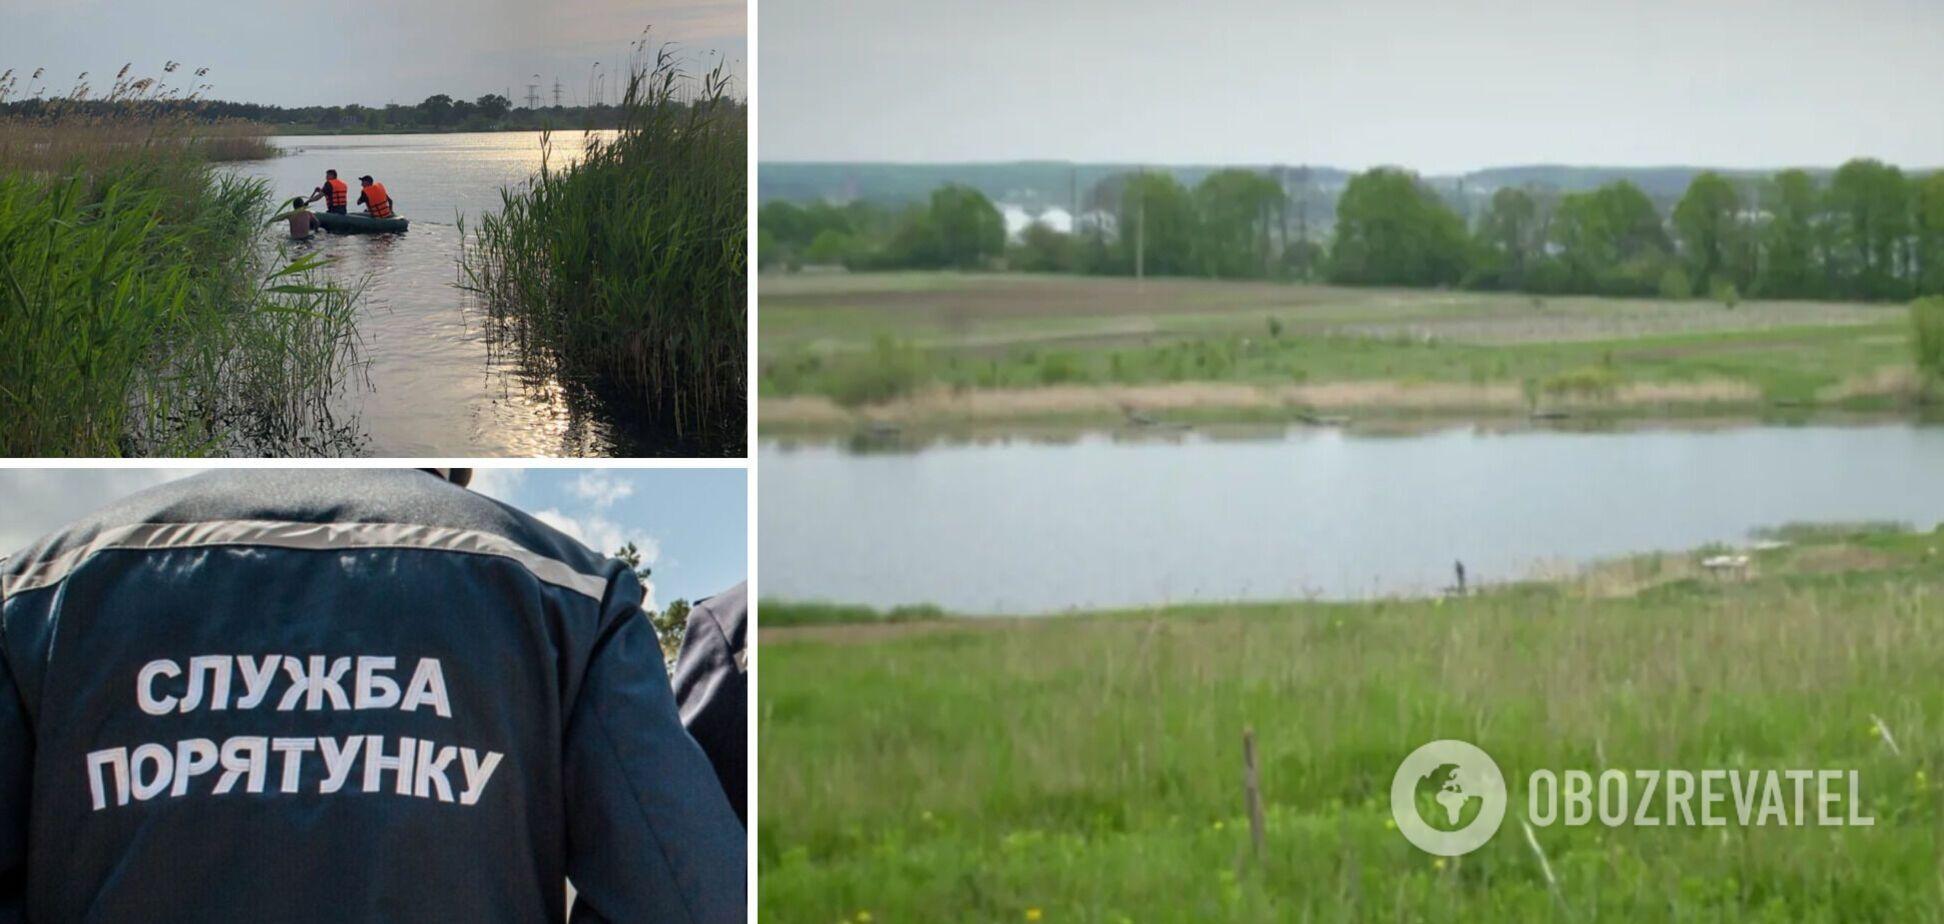 На Вінниччині 13-річний хлопчик потонув у ставку, рятуючи молодшого брата: деталі трагедії